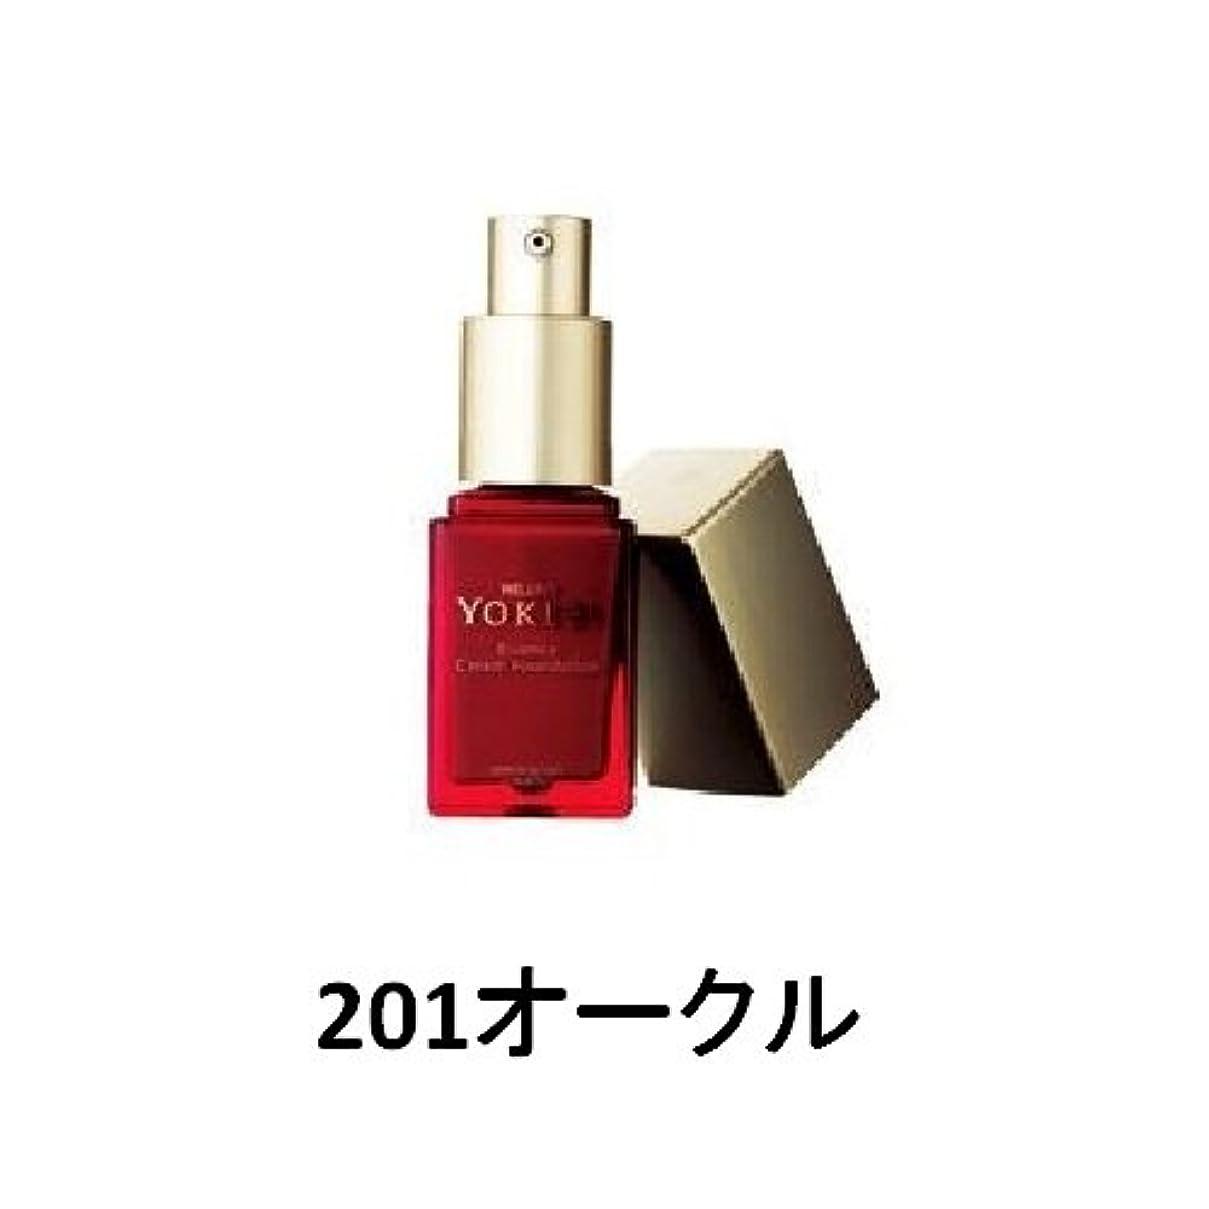 マッサージ欲求不満あなたが良くなりますリレント YOKIBI エッセンスクリームファンデーション (201オークル)